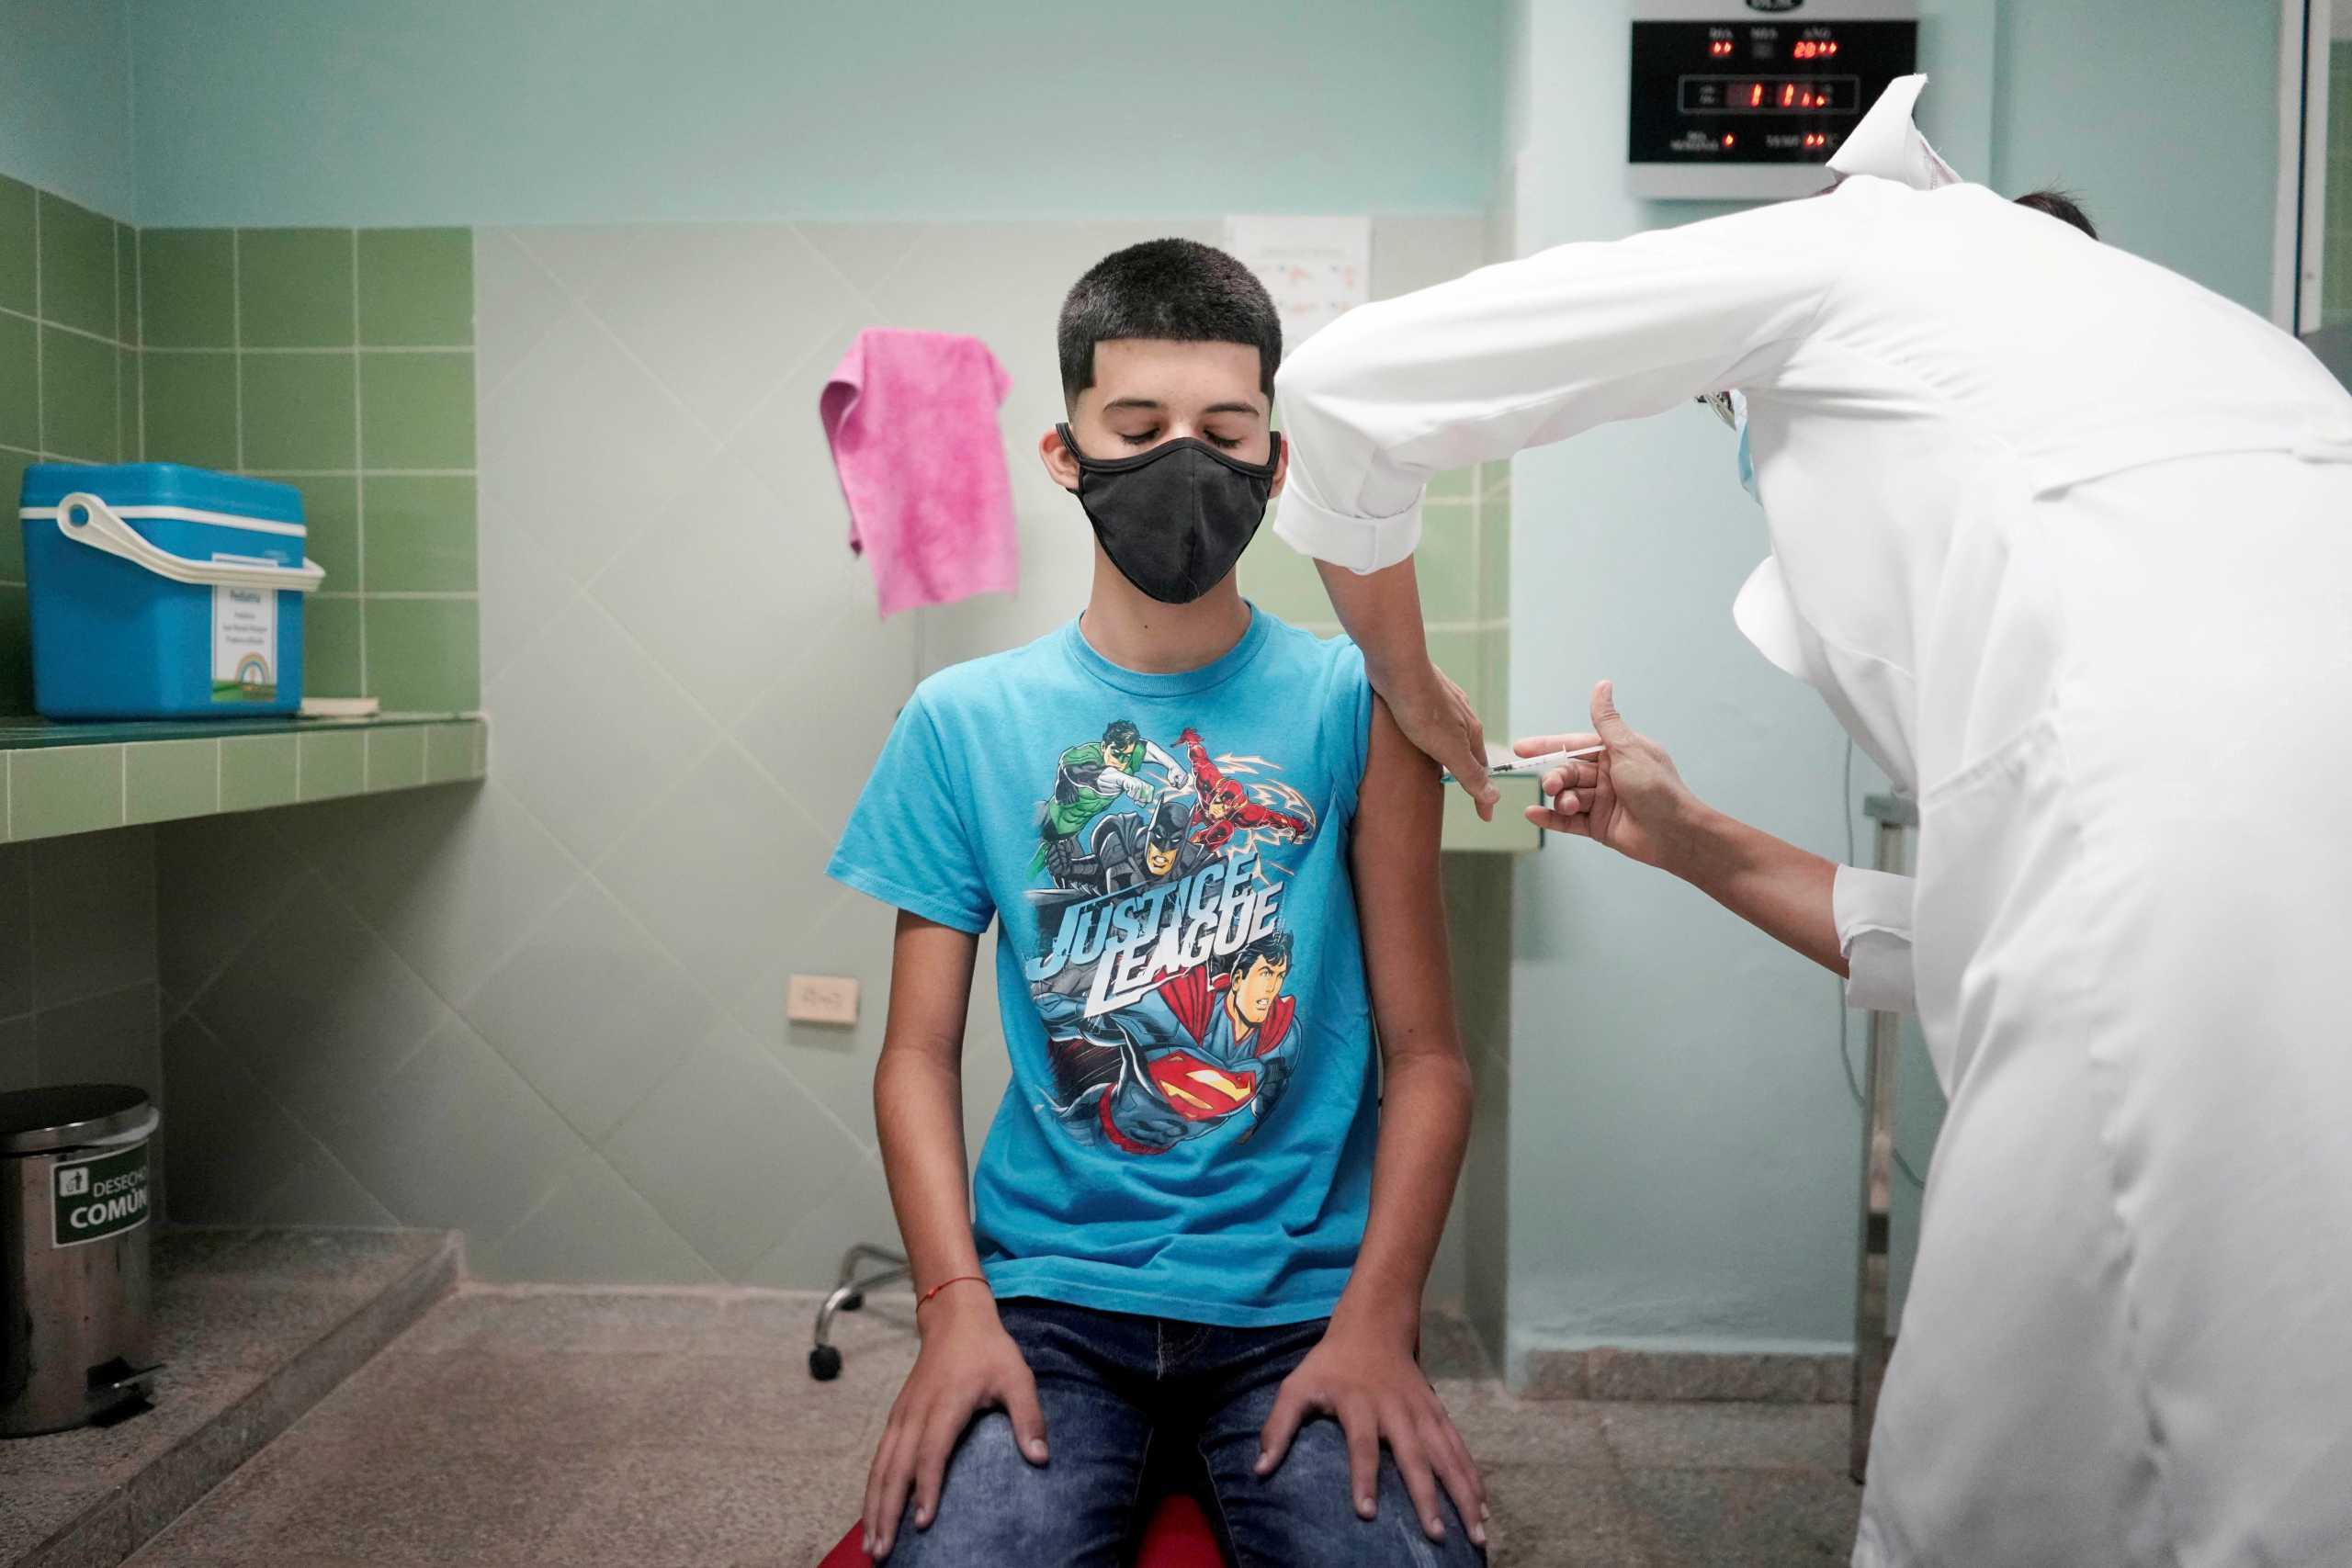 Κορονοϊός – εμβολιασμός παιδιών: Αυξημένα τα κρούσματα σε άτομα κάτω των 17 ετών